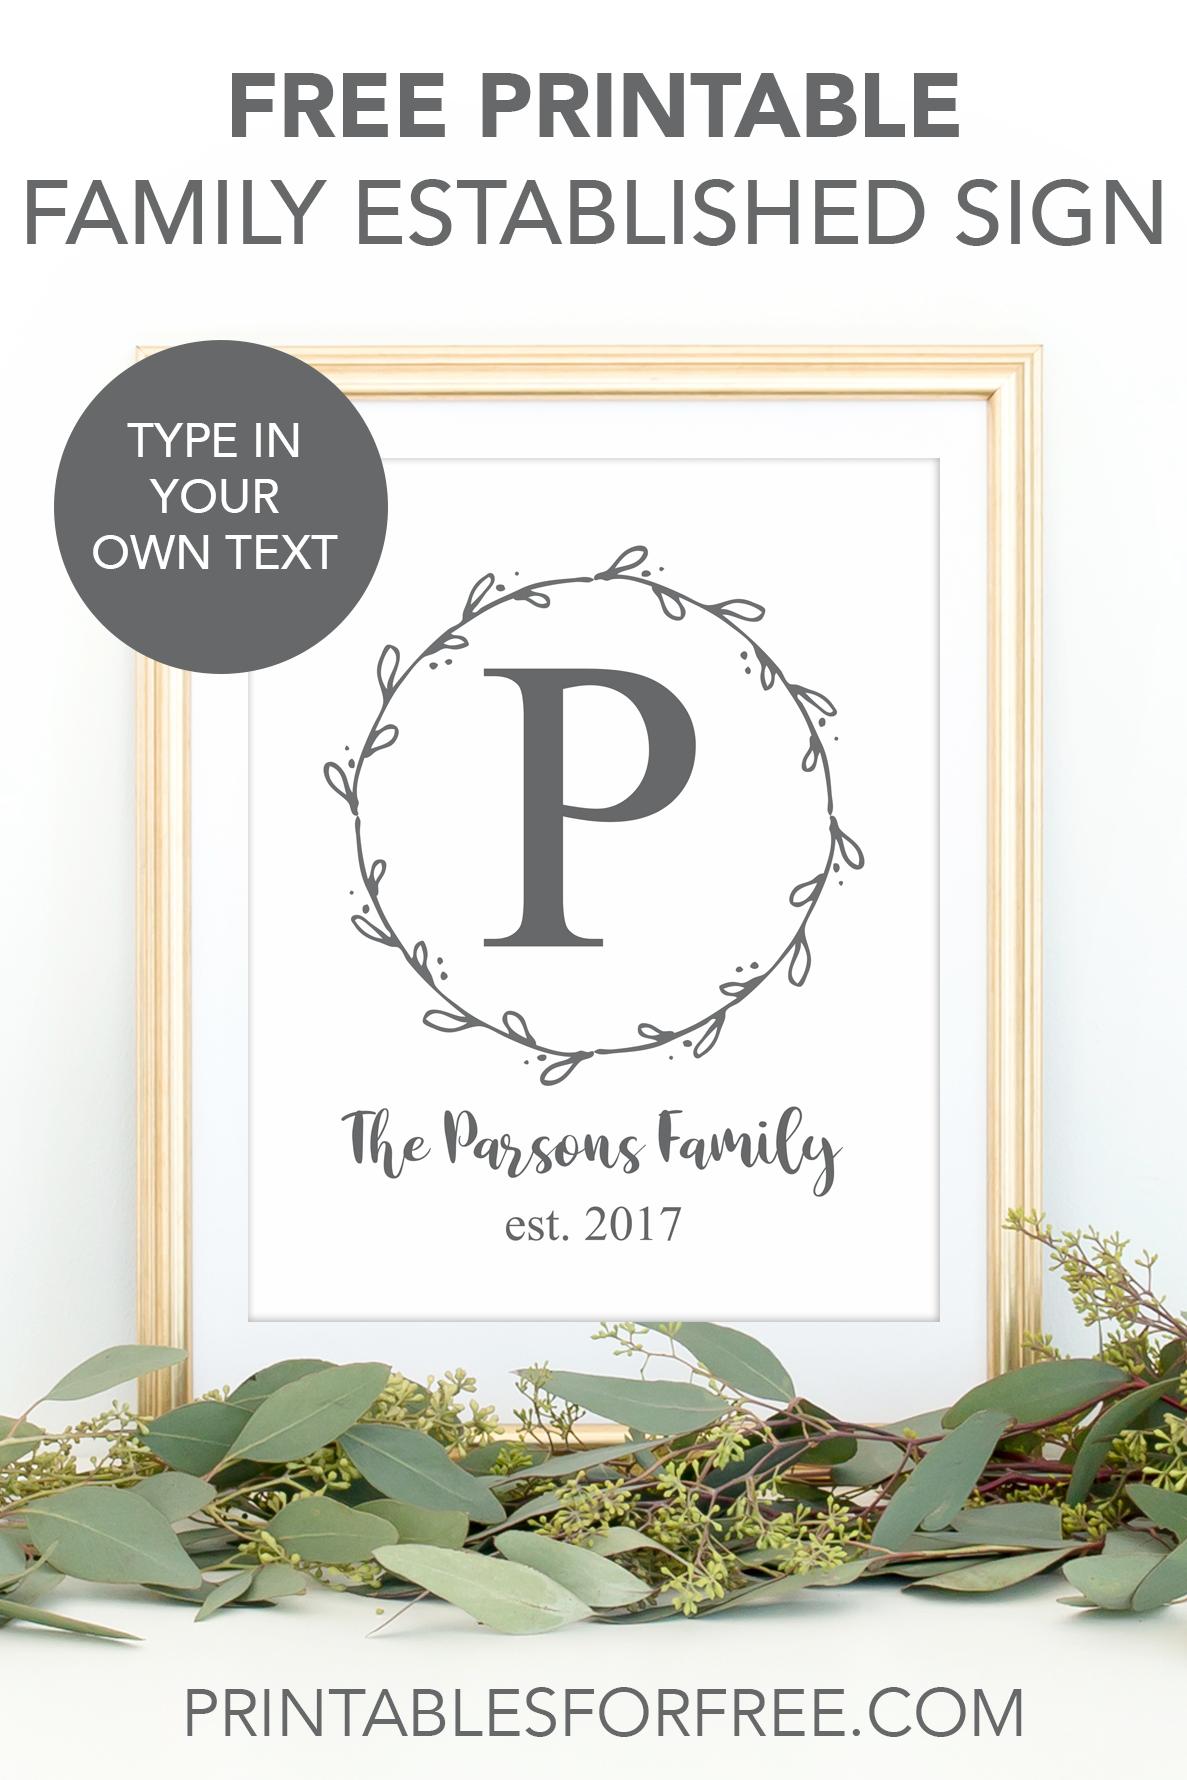 Family Established Printable Wall Art Printables For Free Printable Signs Free Free Printable Birthday Cards Free Printable Wall Art